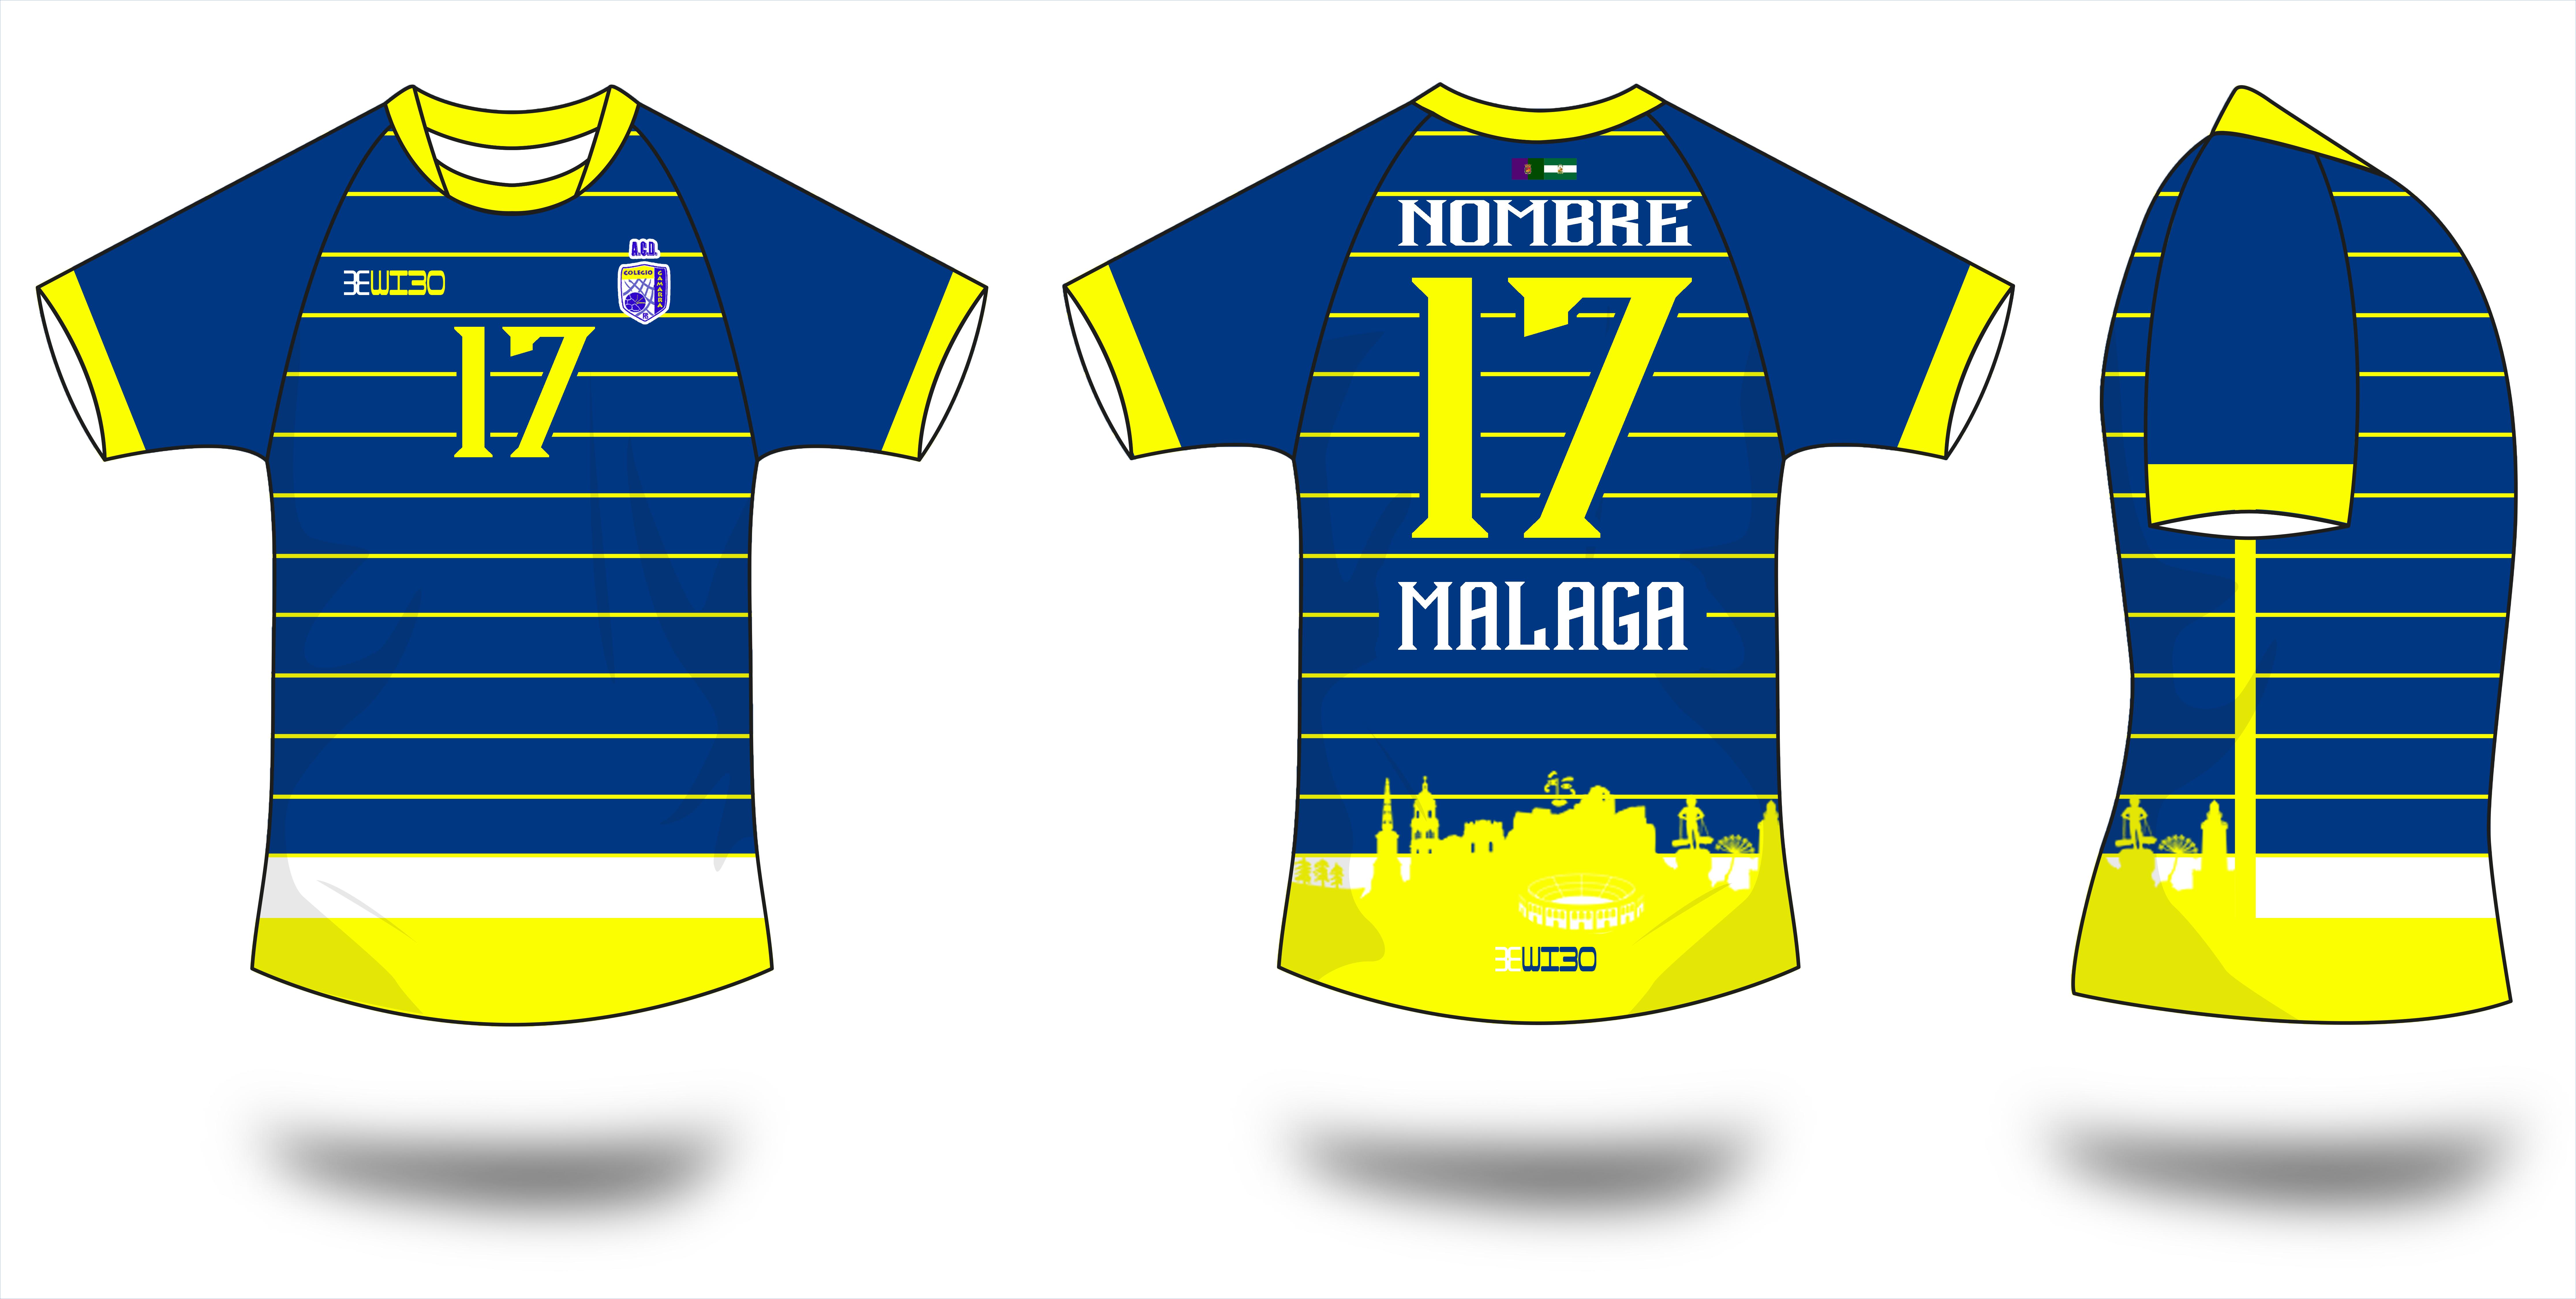 747a66124bd2d Camiseta Azul Futbol ACD Gamarra Málaga - Wibo Store